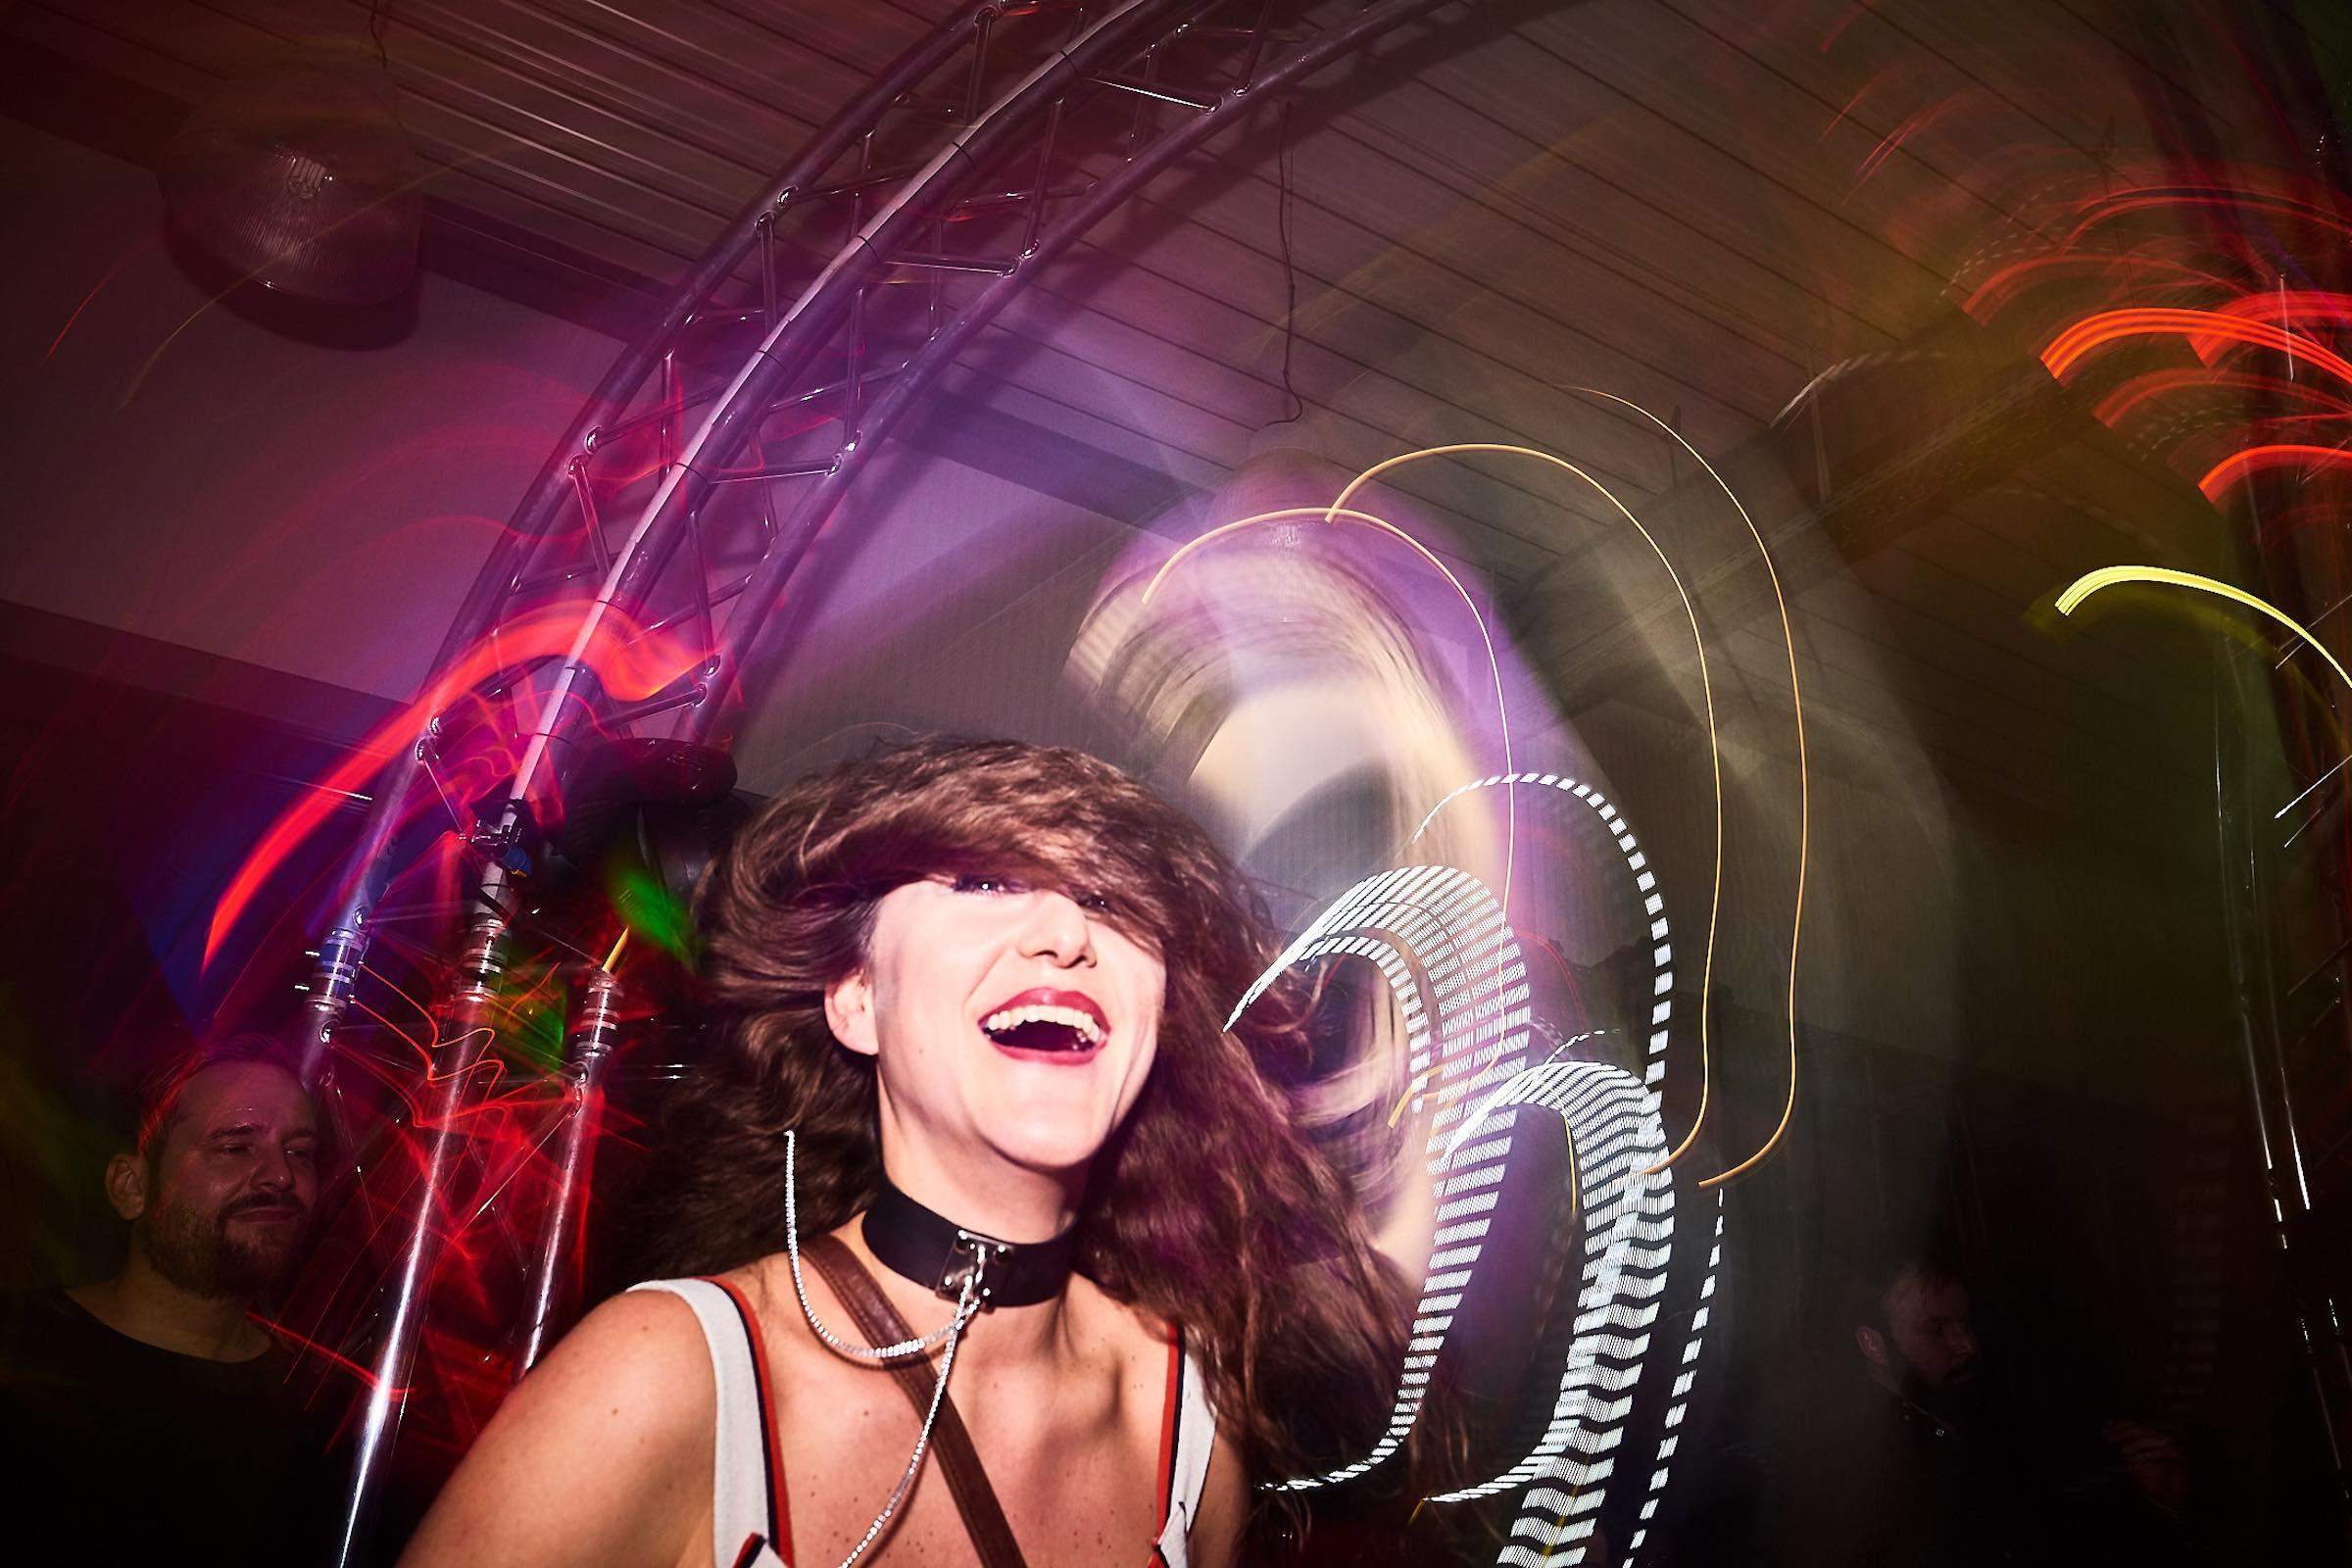 DJ | Hannover | Hannover | DJ | Messe | Hochzeits | DJ | Hannover | DJ | Firmenevent | Firmenfeier | DJ | Geburtstag | DJ | Weihnachtsfeier | DJ | Sommerfest | Buchen | Mieten | Lehmann | Eventservice